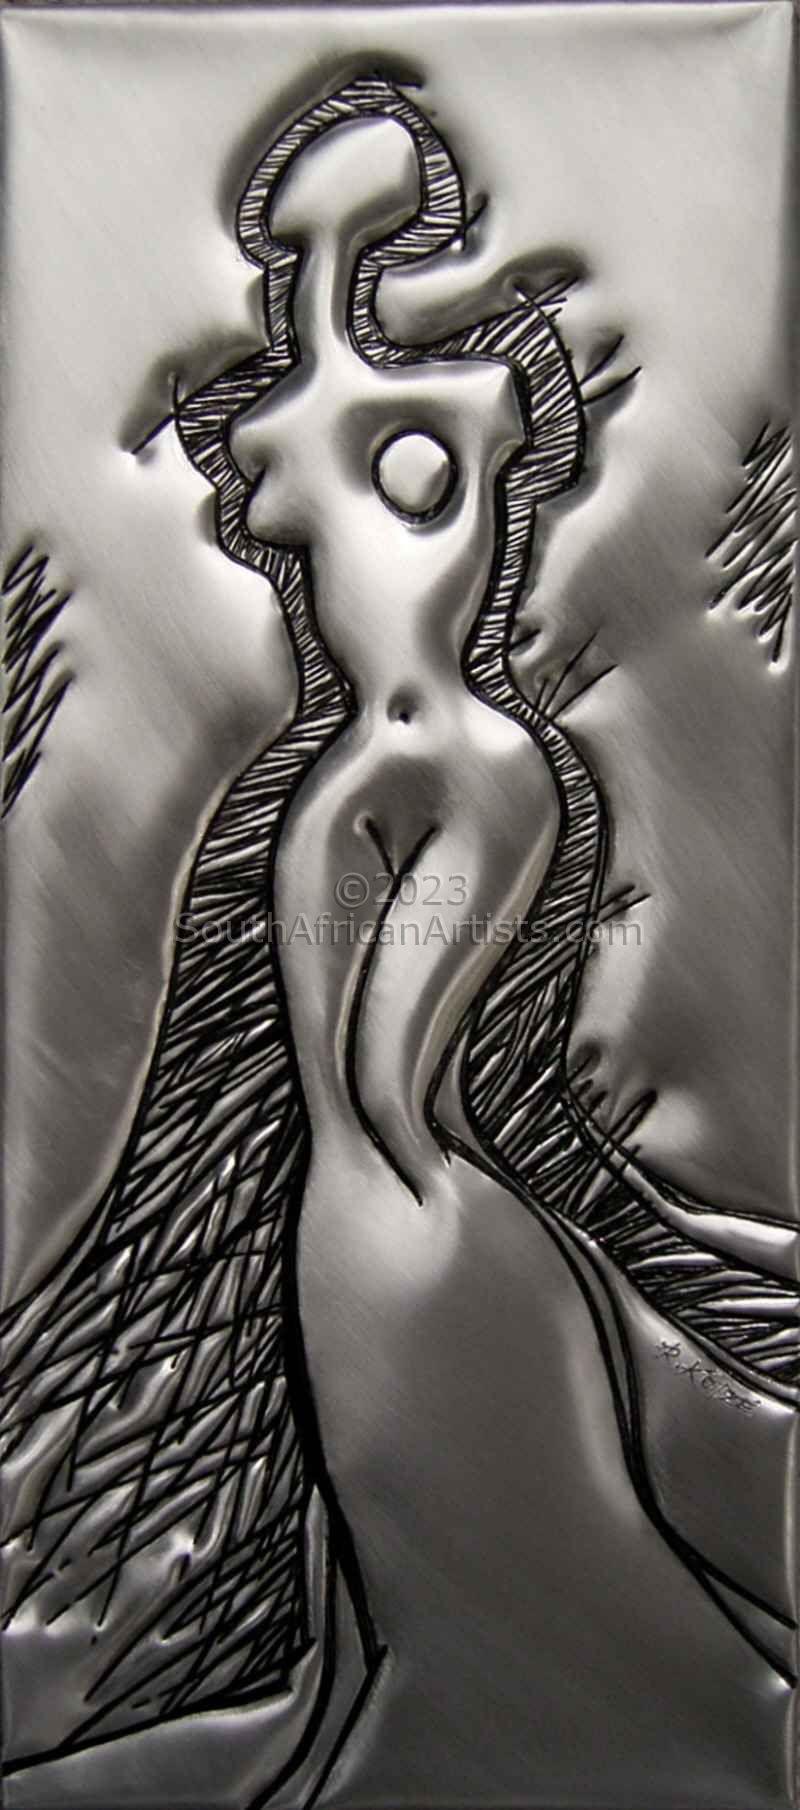 Female Figure 2 in Metal 1/1